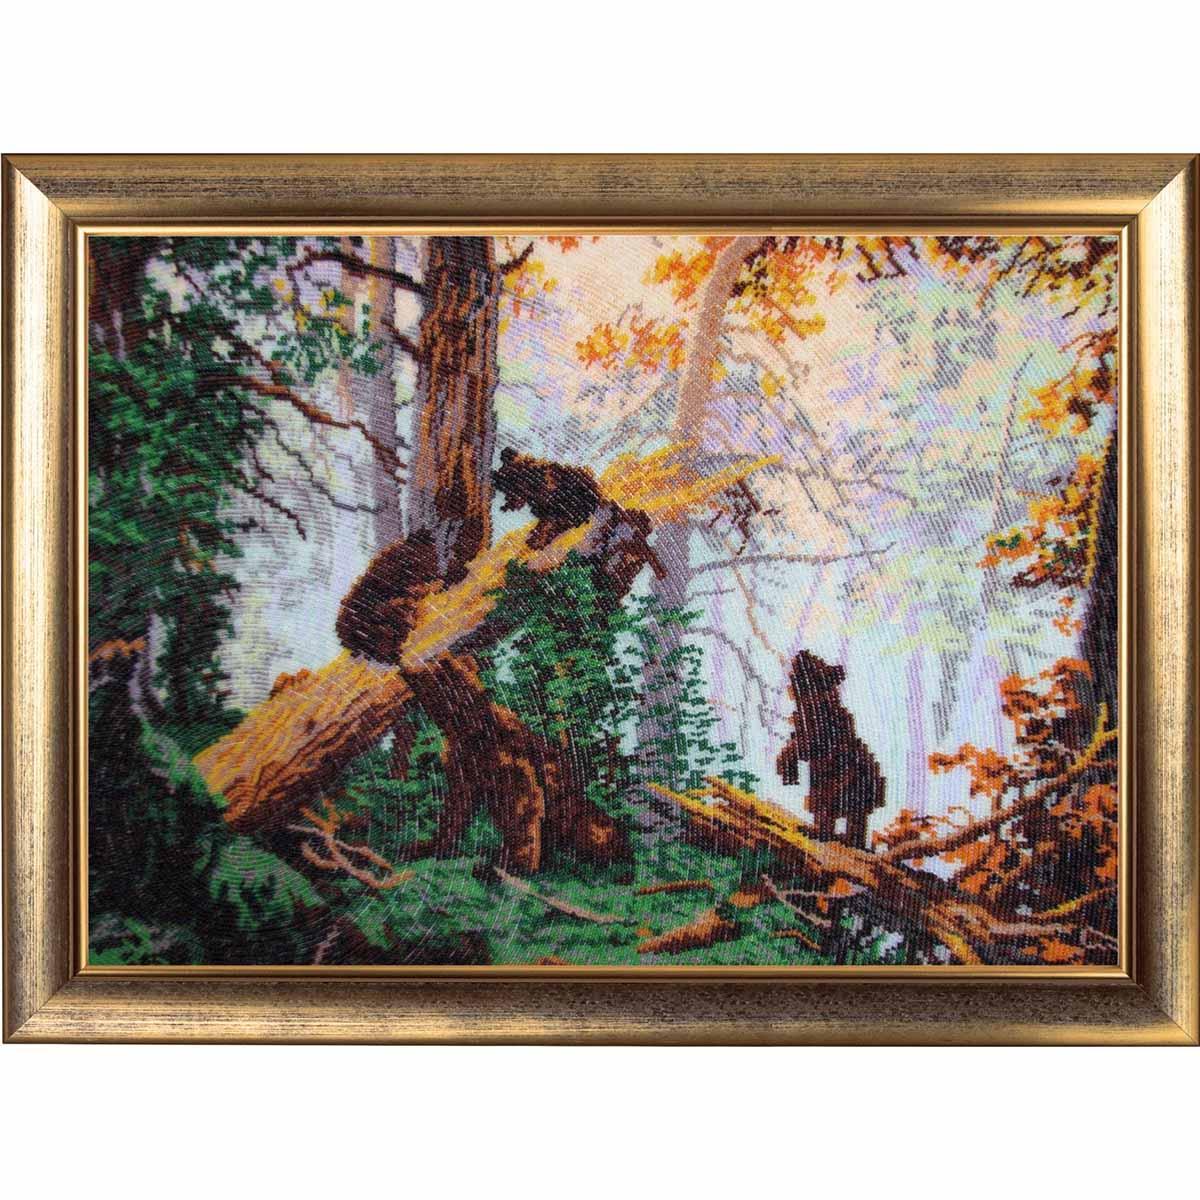 594 Набор для вышивания бисером Butterfly 'Утро в сосновом лесу', 34*49 см